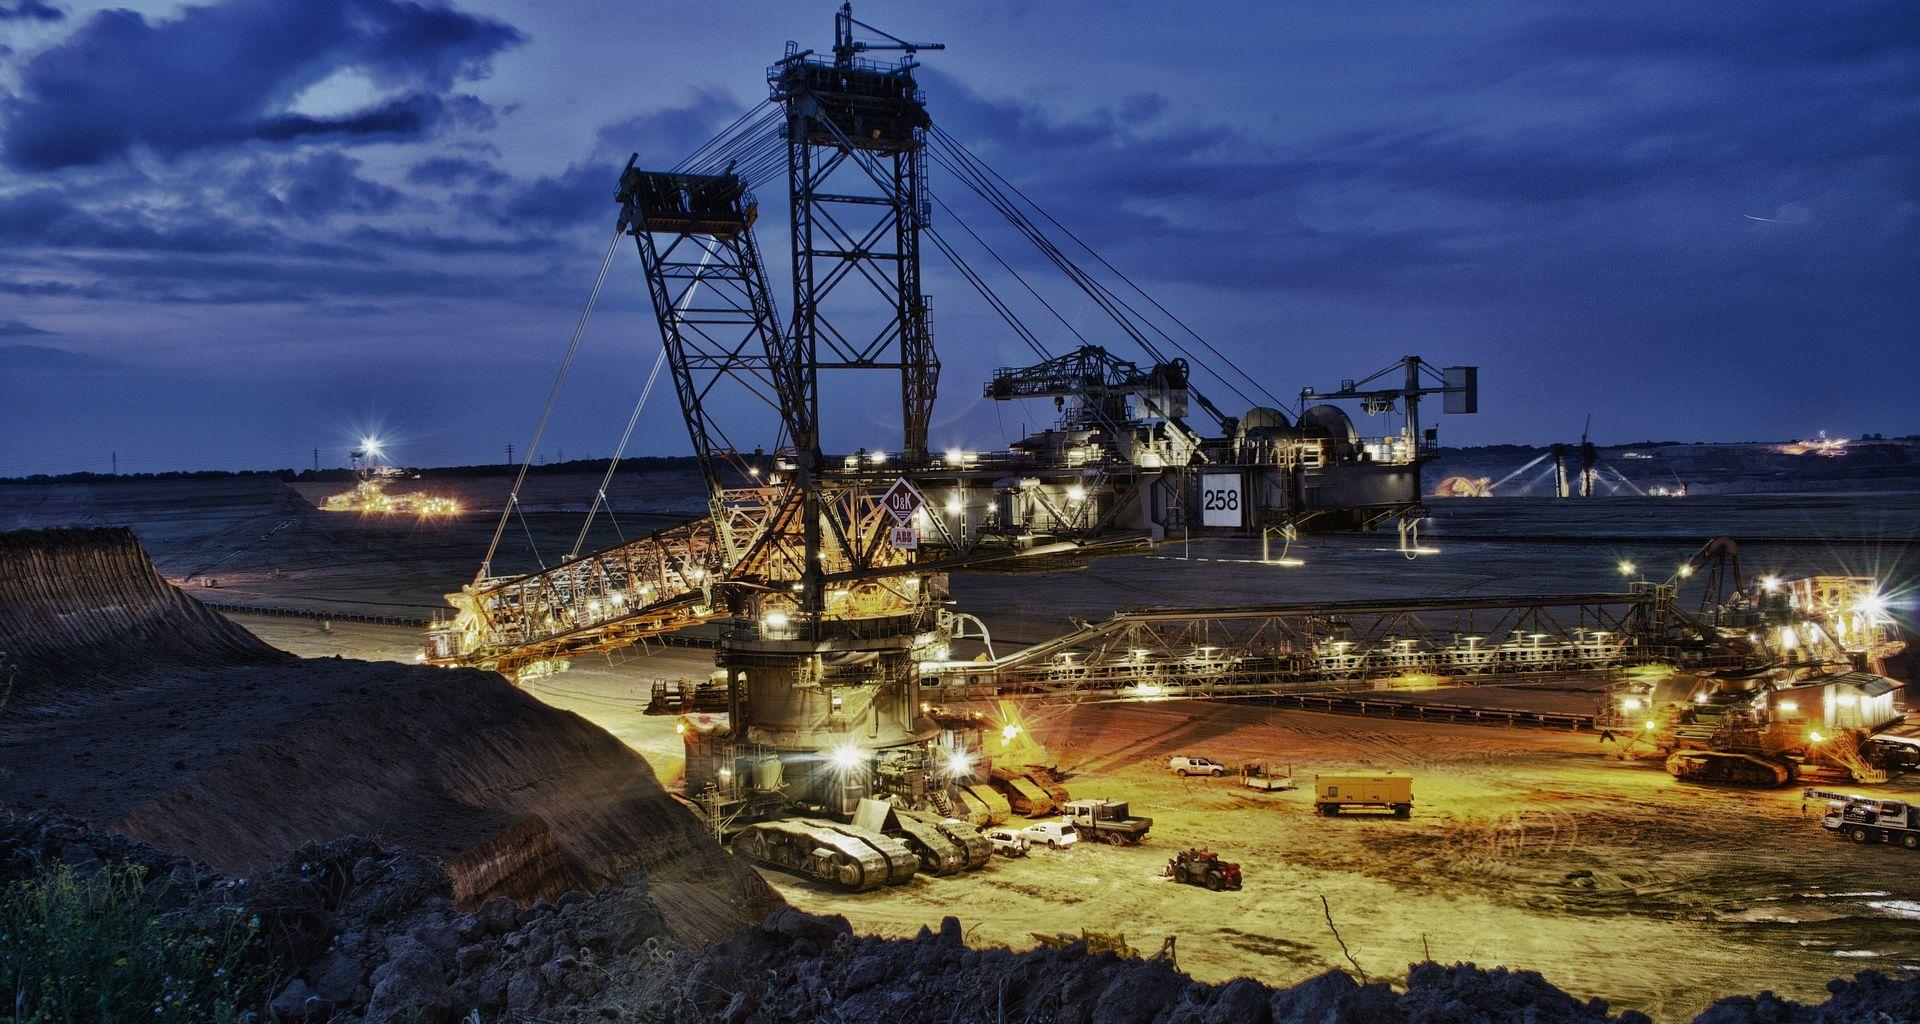 UZROK JOŠ NEPOZNAT Požar u rudniku ugljena u Kini, poginula 21 osoba